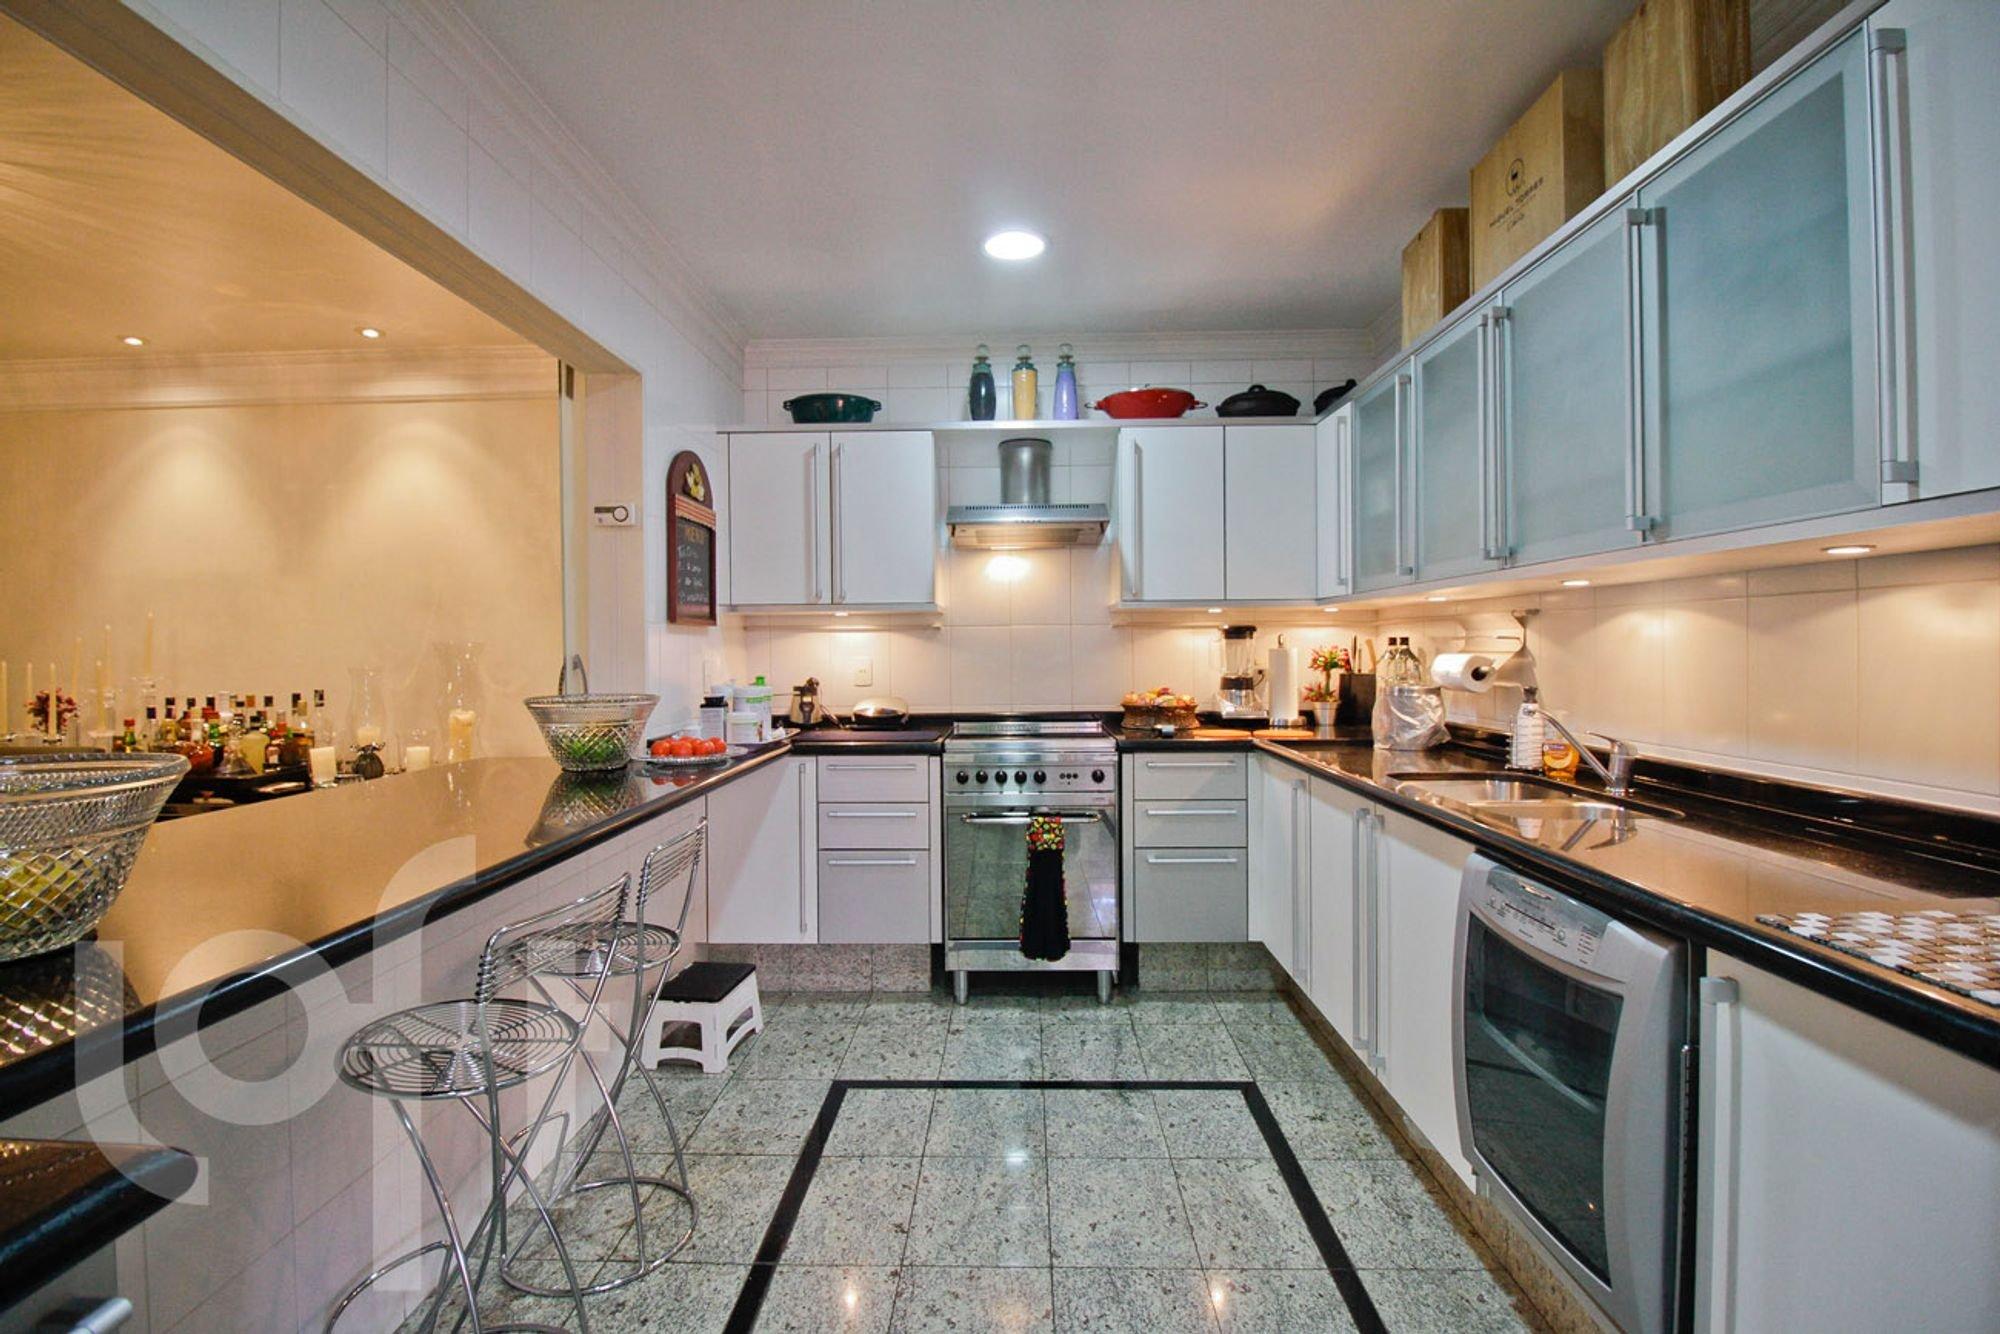 Foto de Cozinha com garrafa, forno, tigela, pia, cadeira